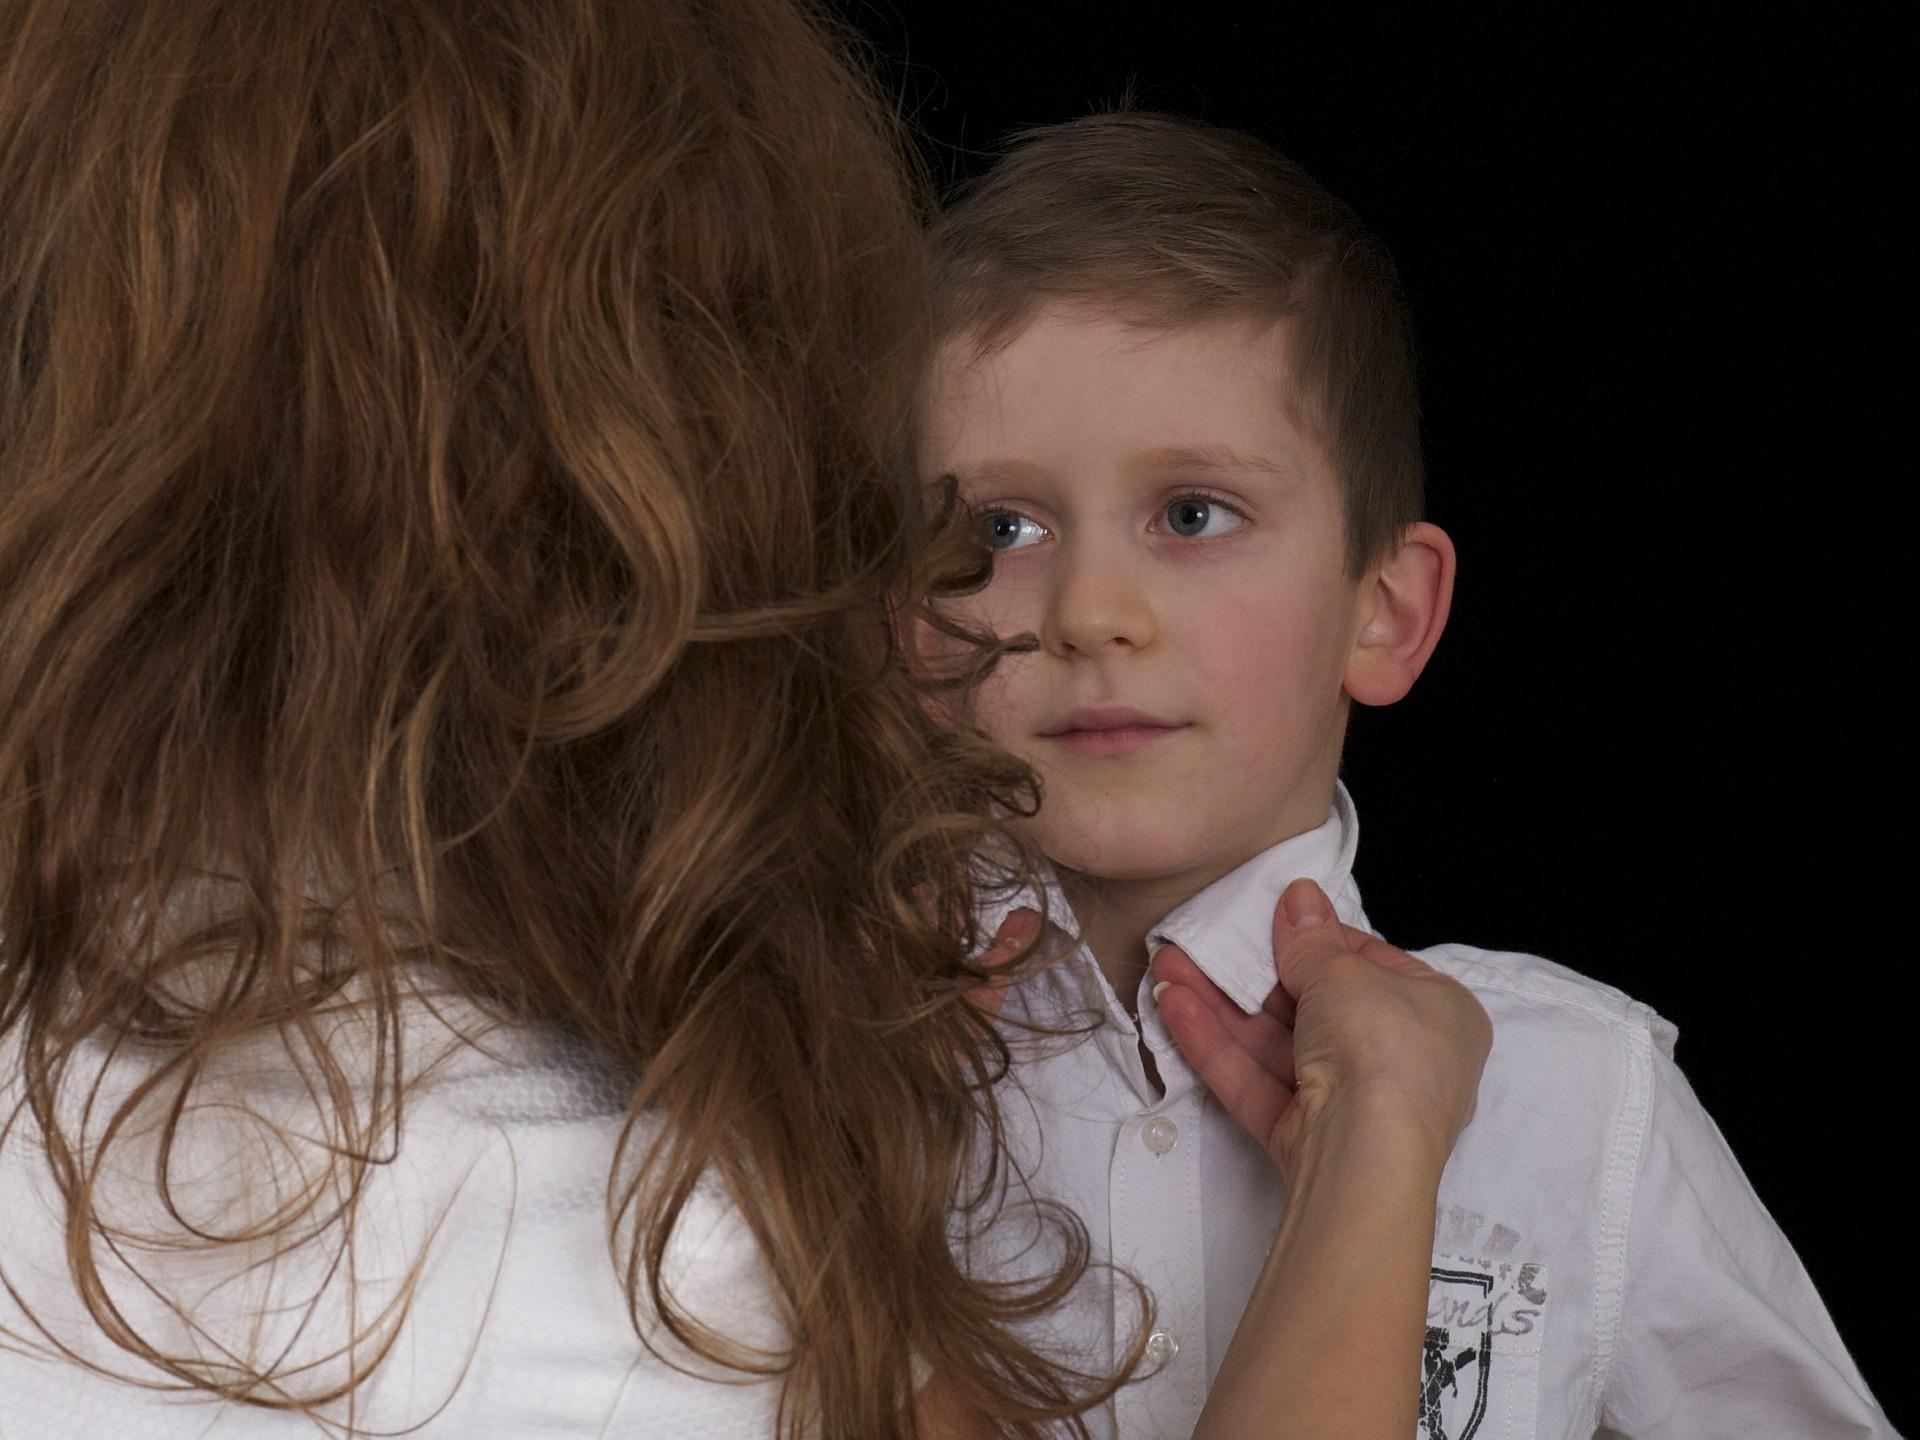 Milyennek látnak minket gyermekeink?